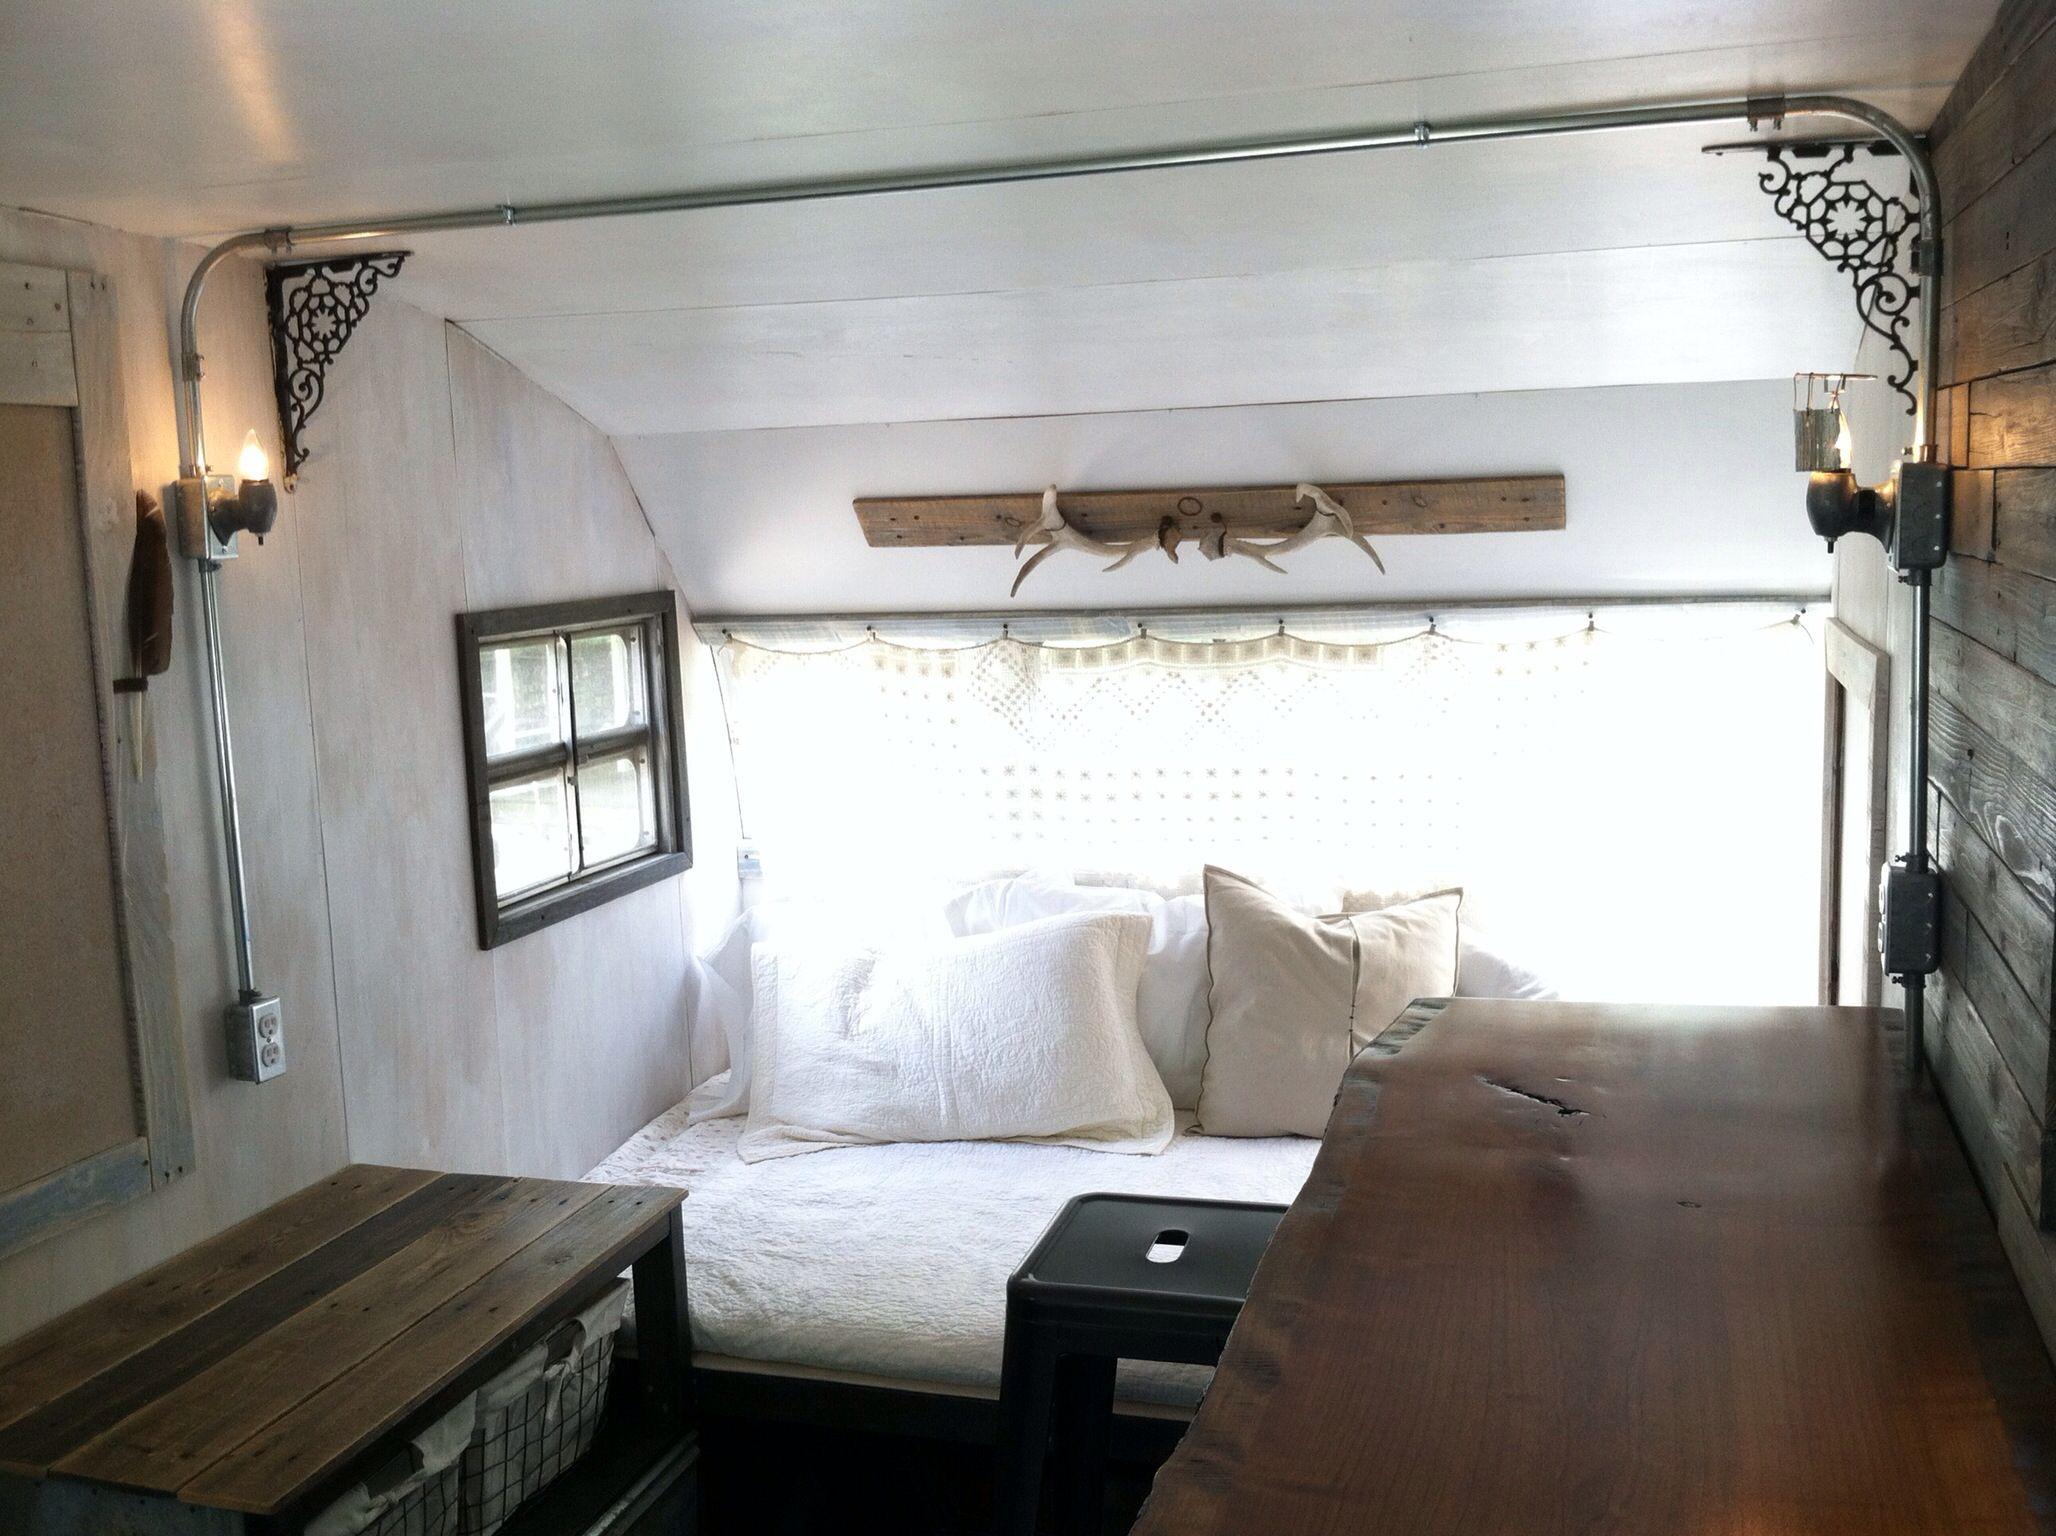 Vintage Camper Interior Remodel 1955 Trotwood Refurbished Pallet Accents Live Edge Wood Slab